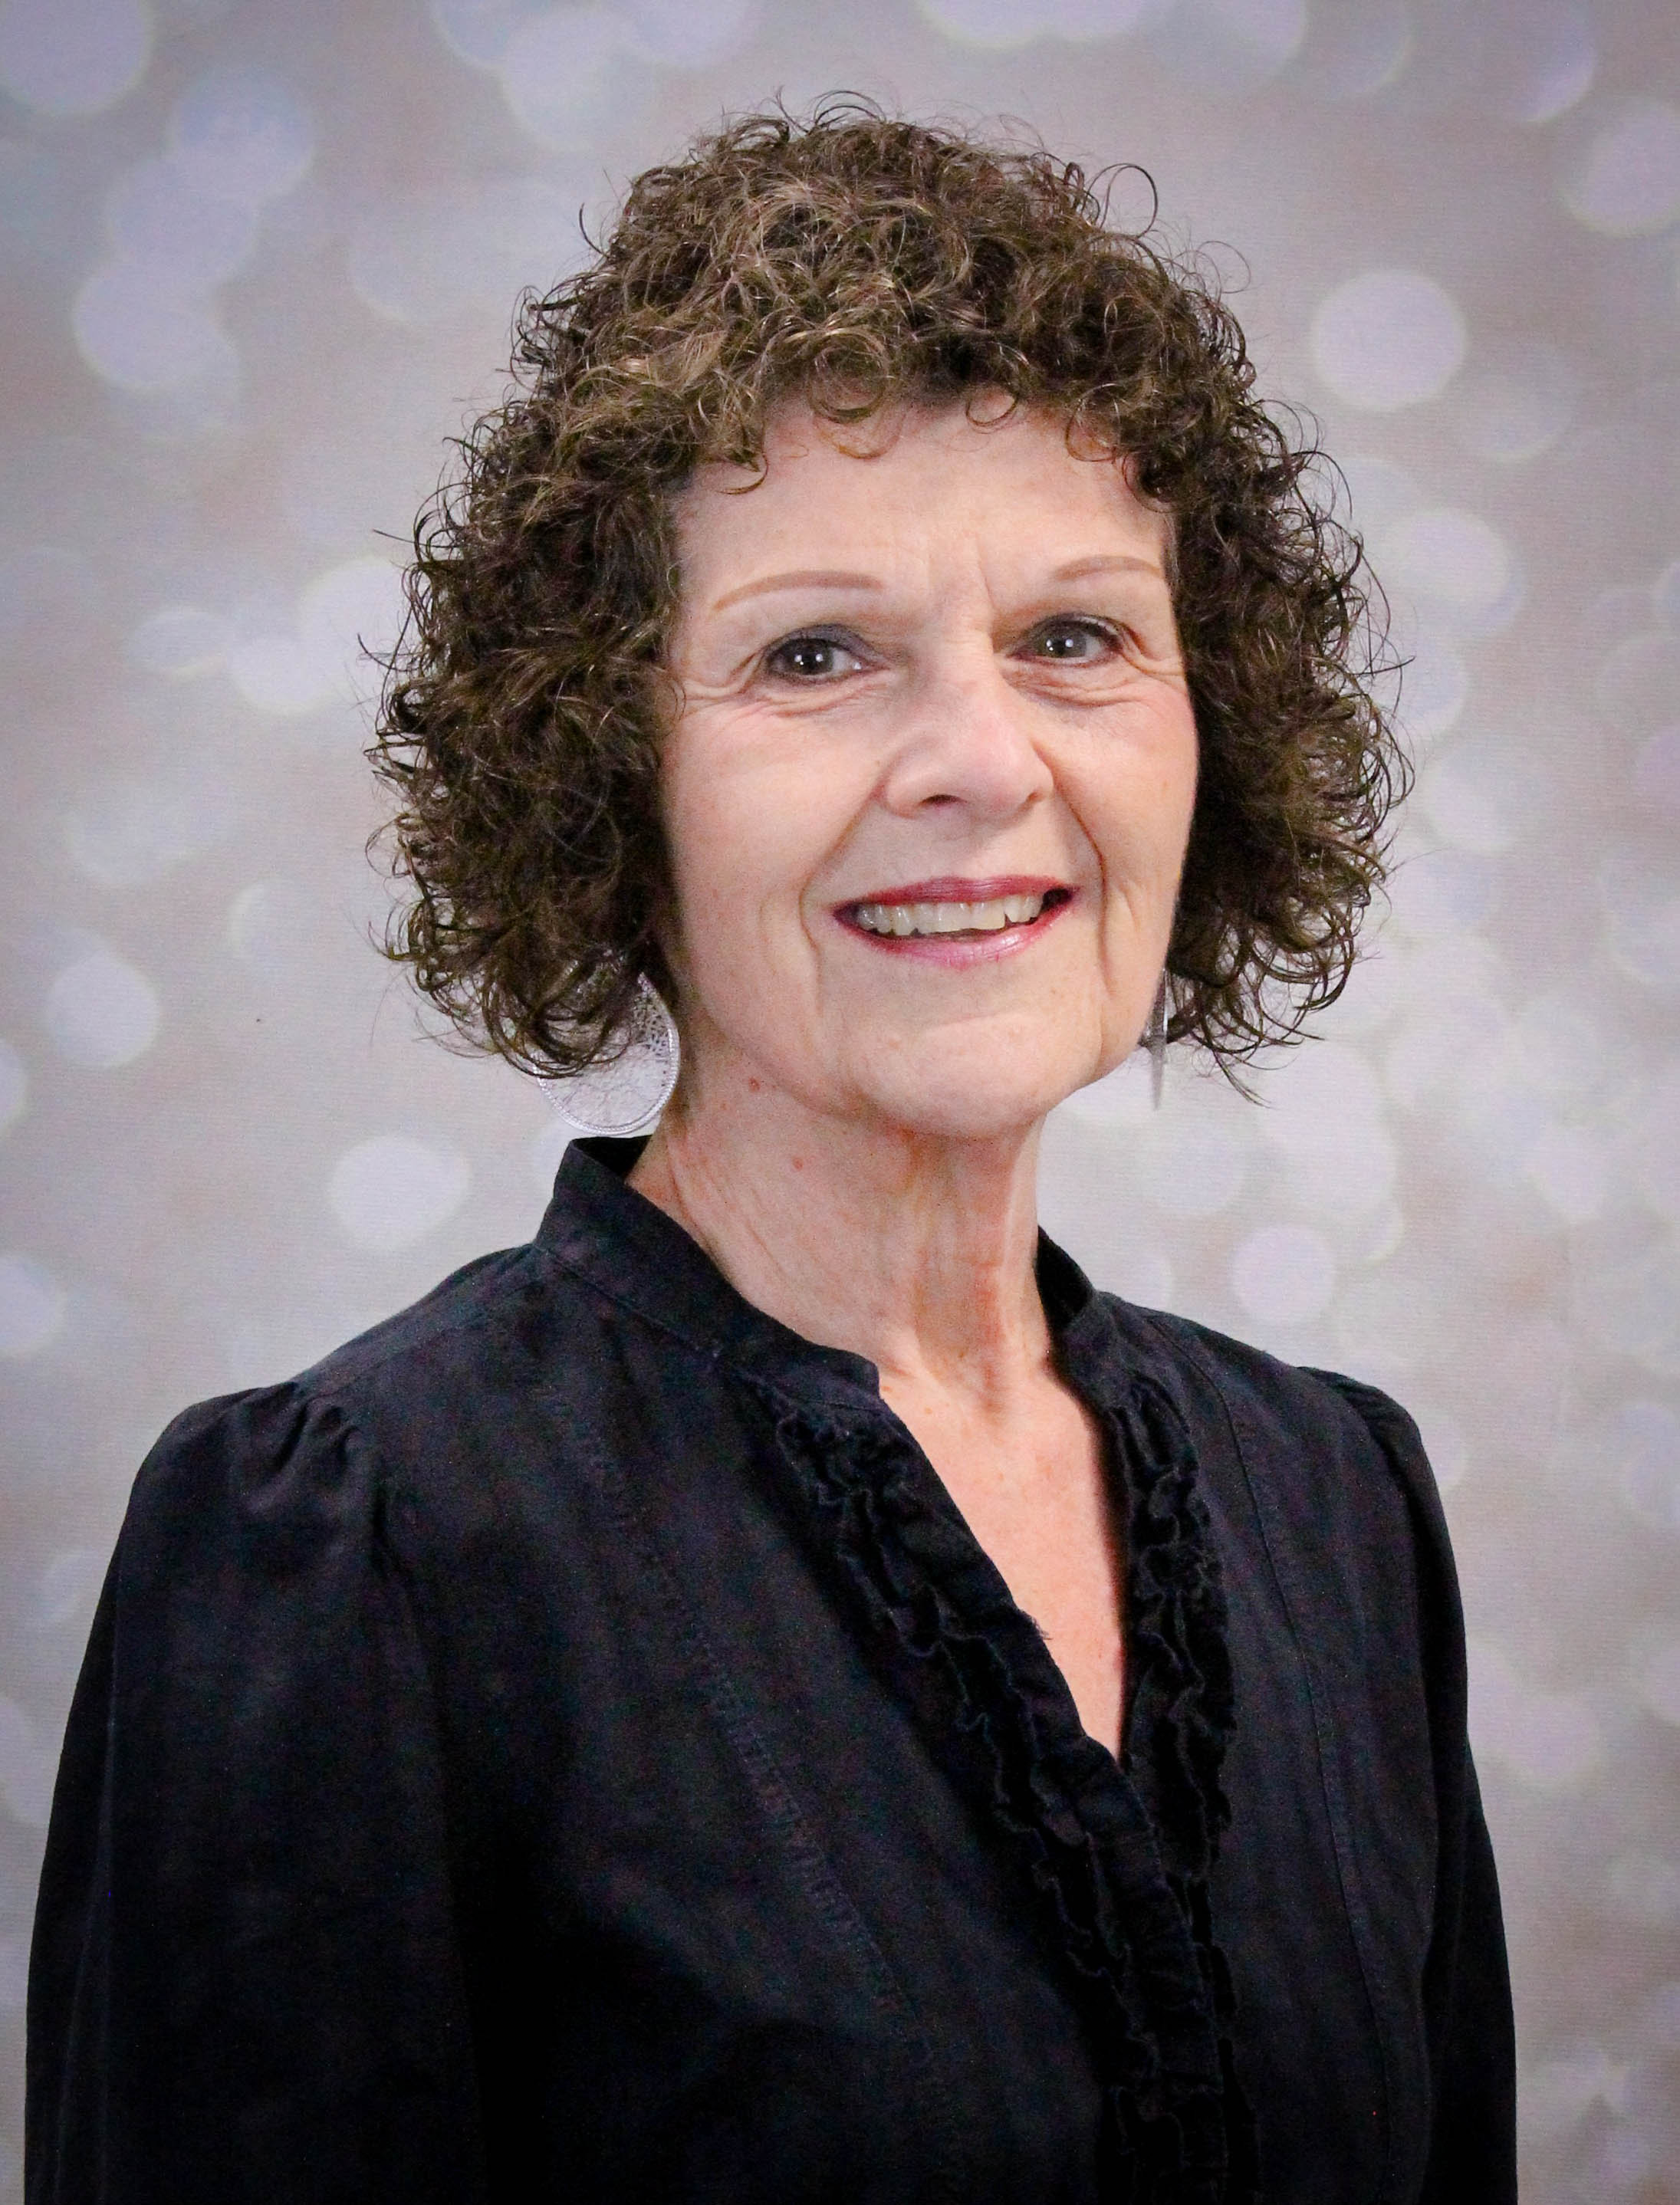 Barbara Murlatt